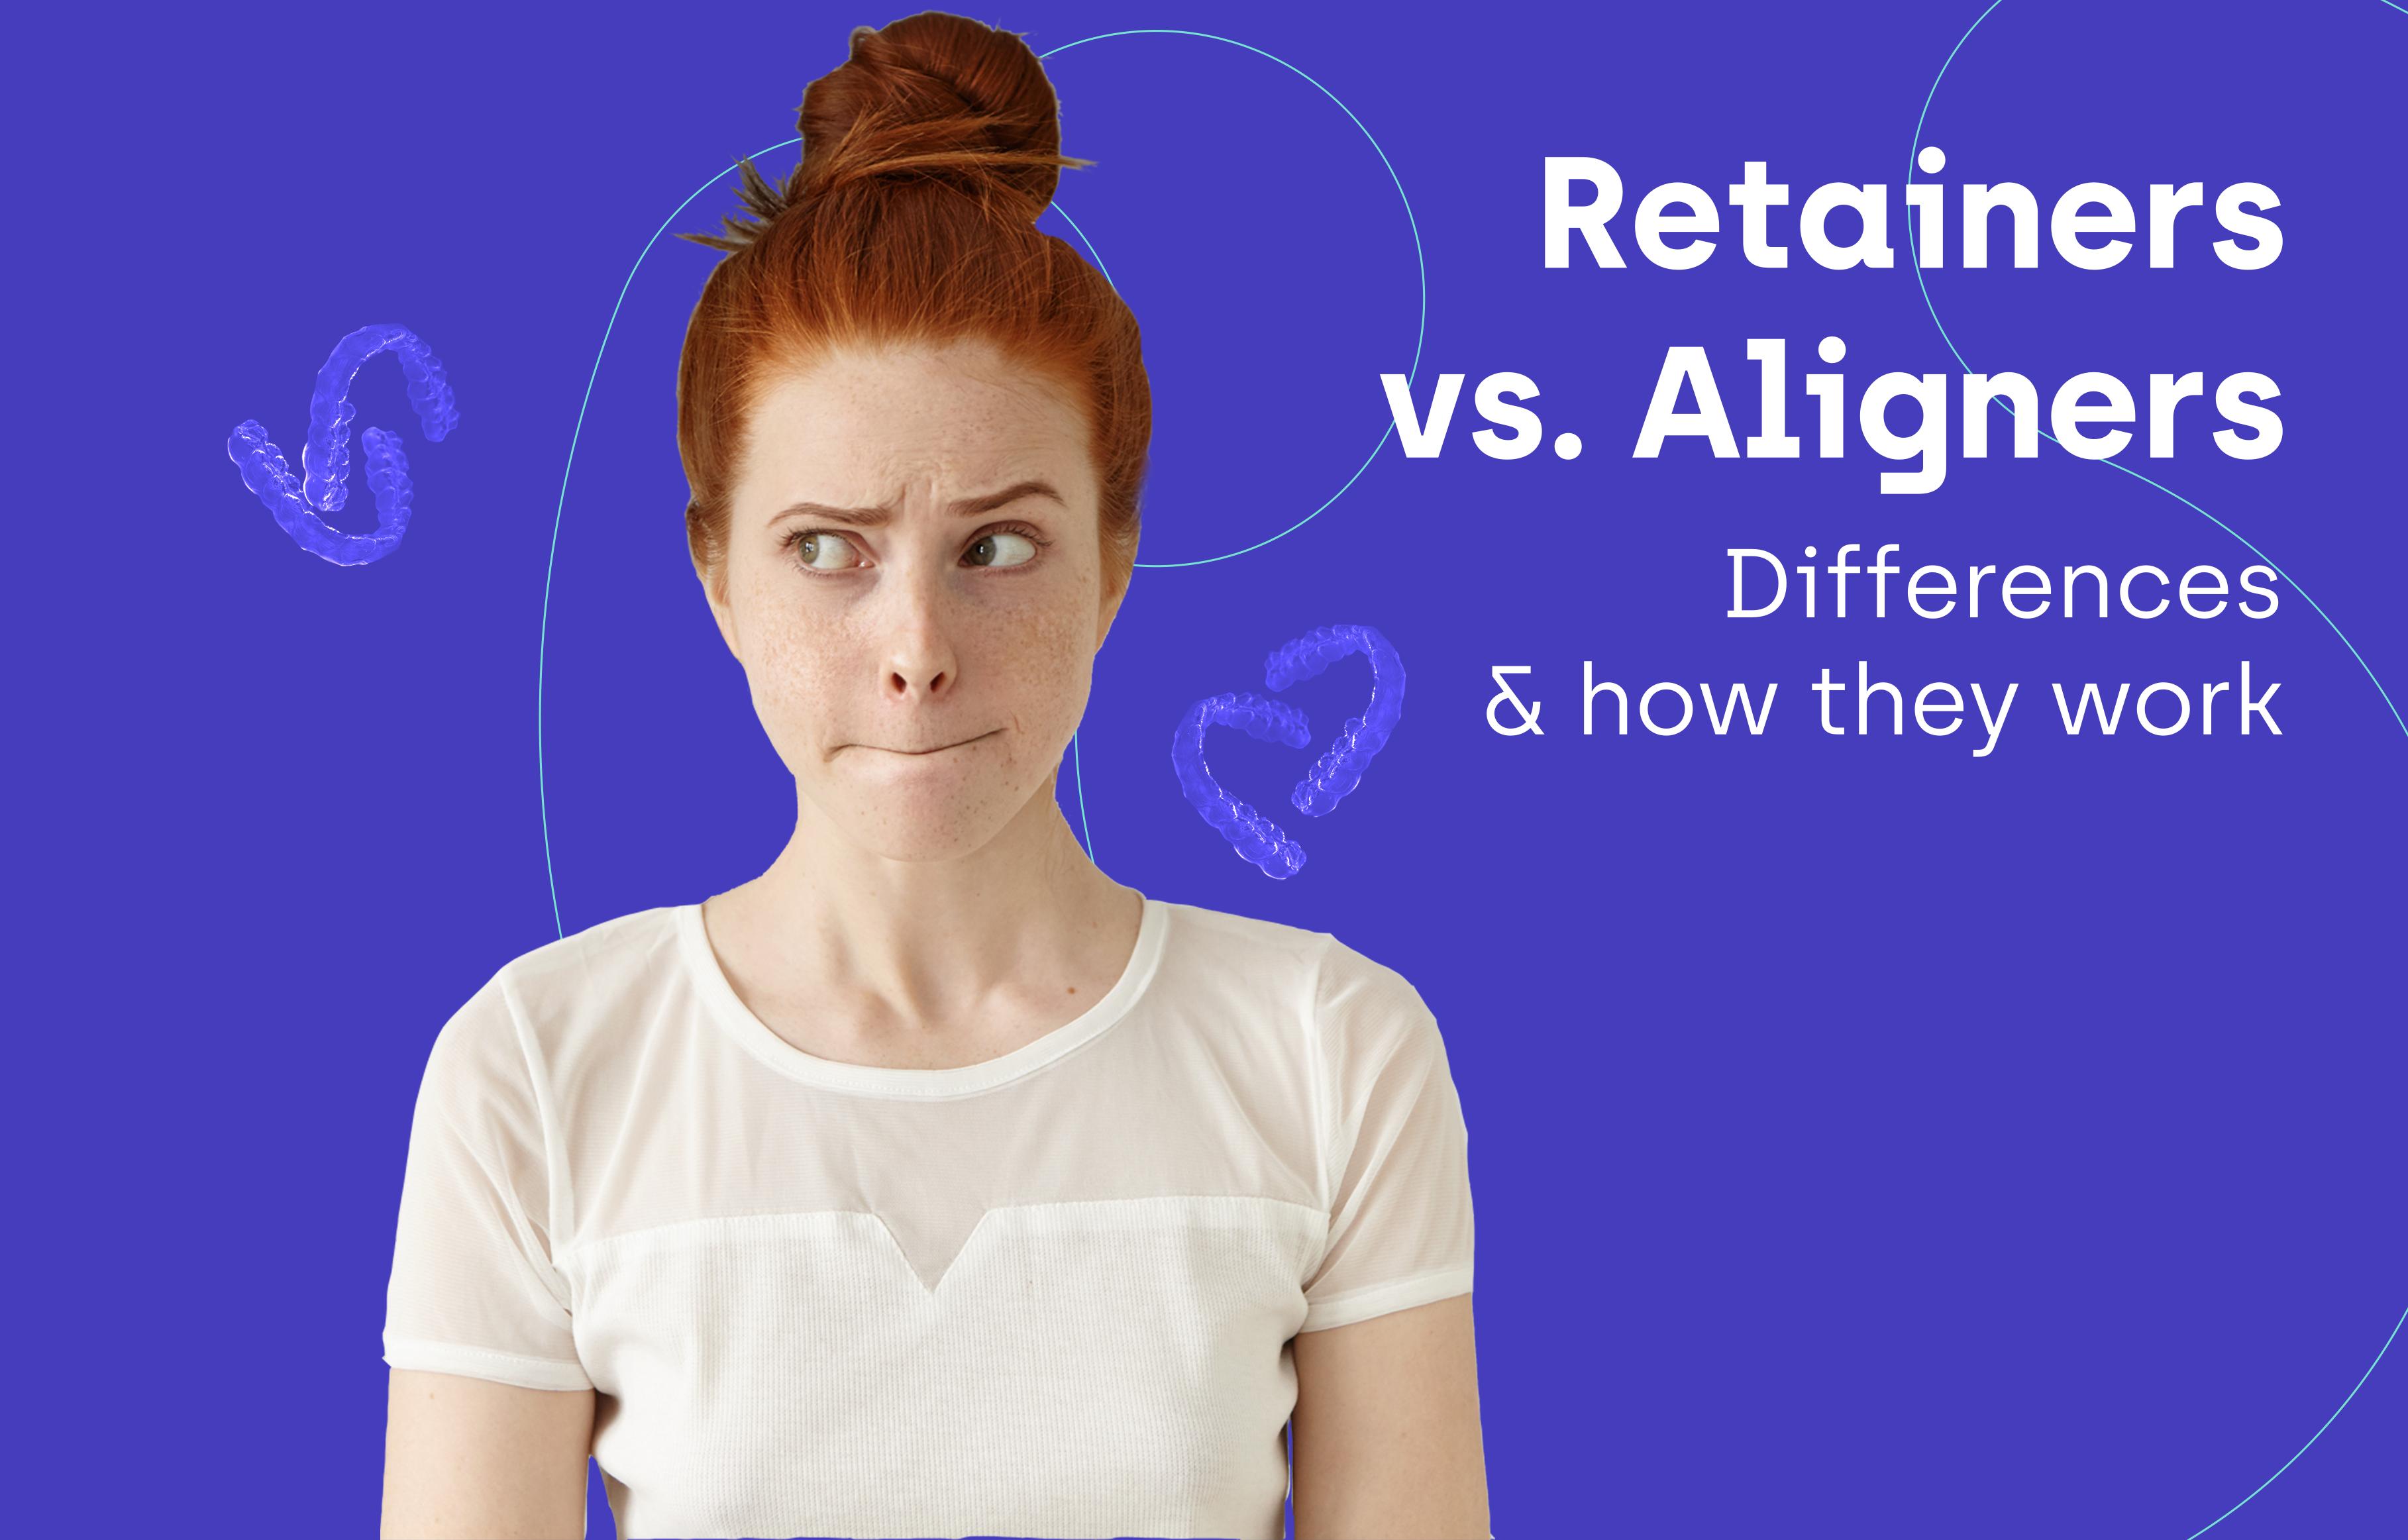 retainers vs aligners